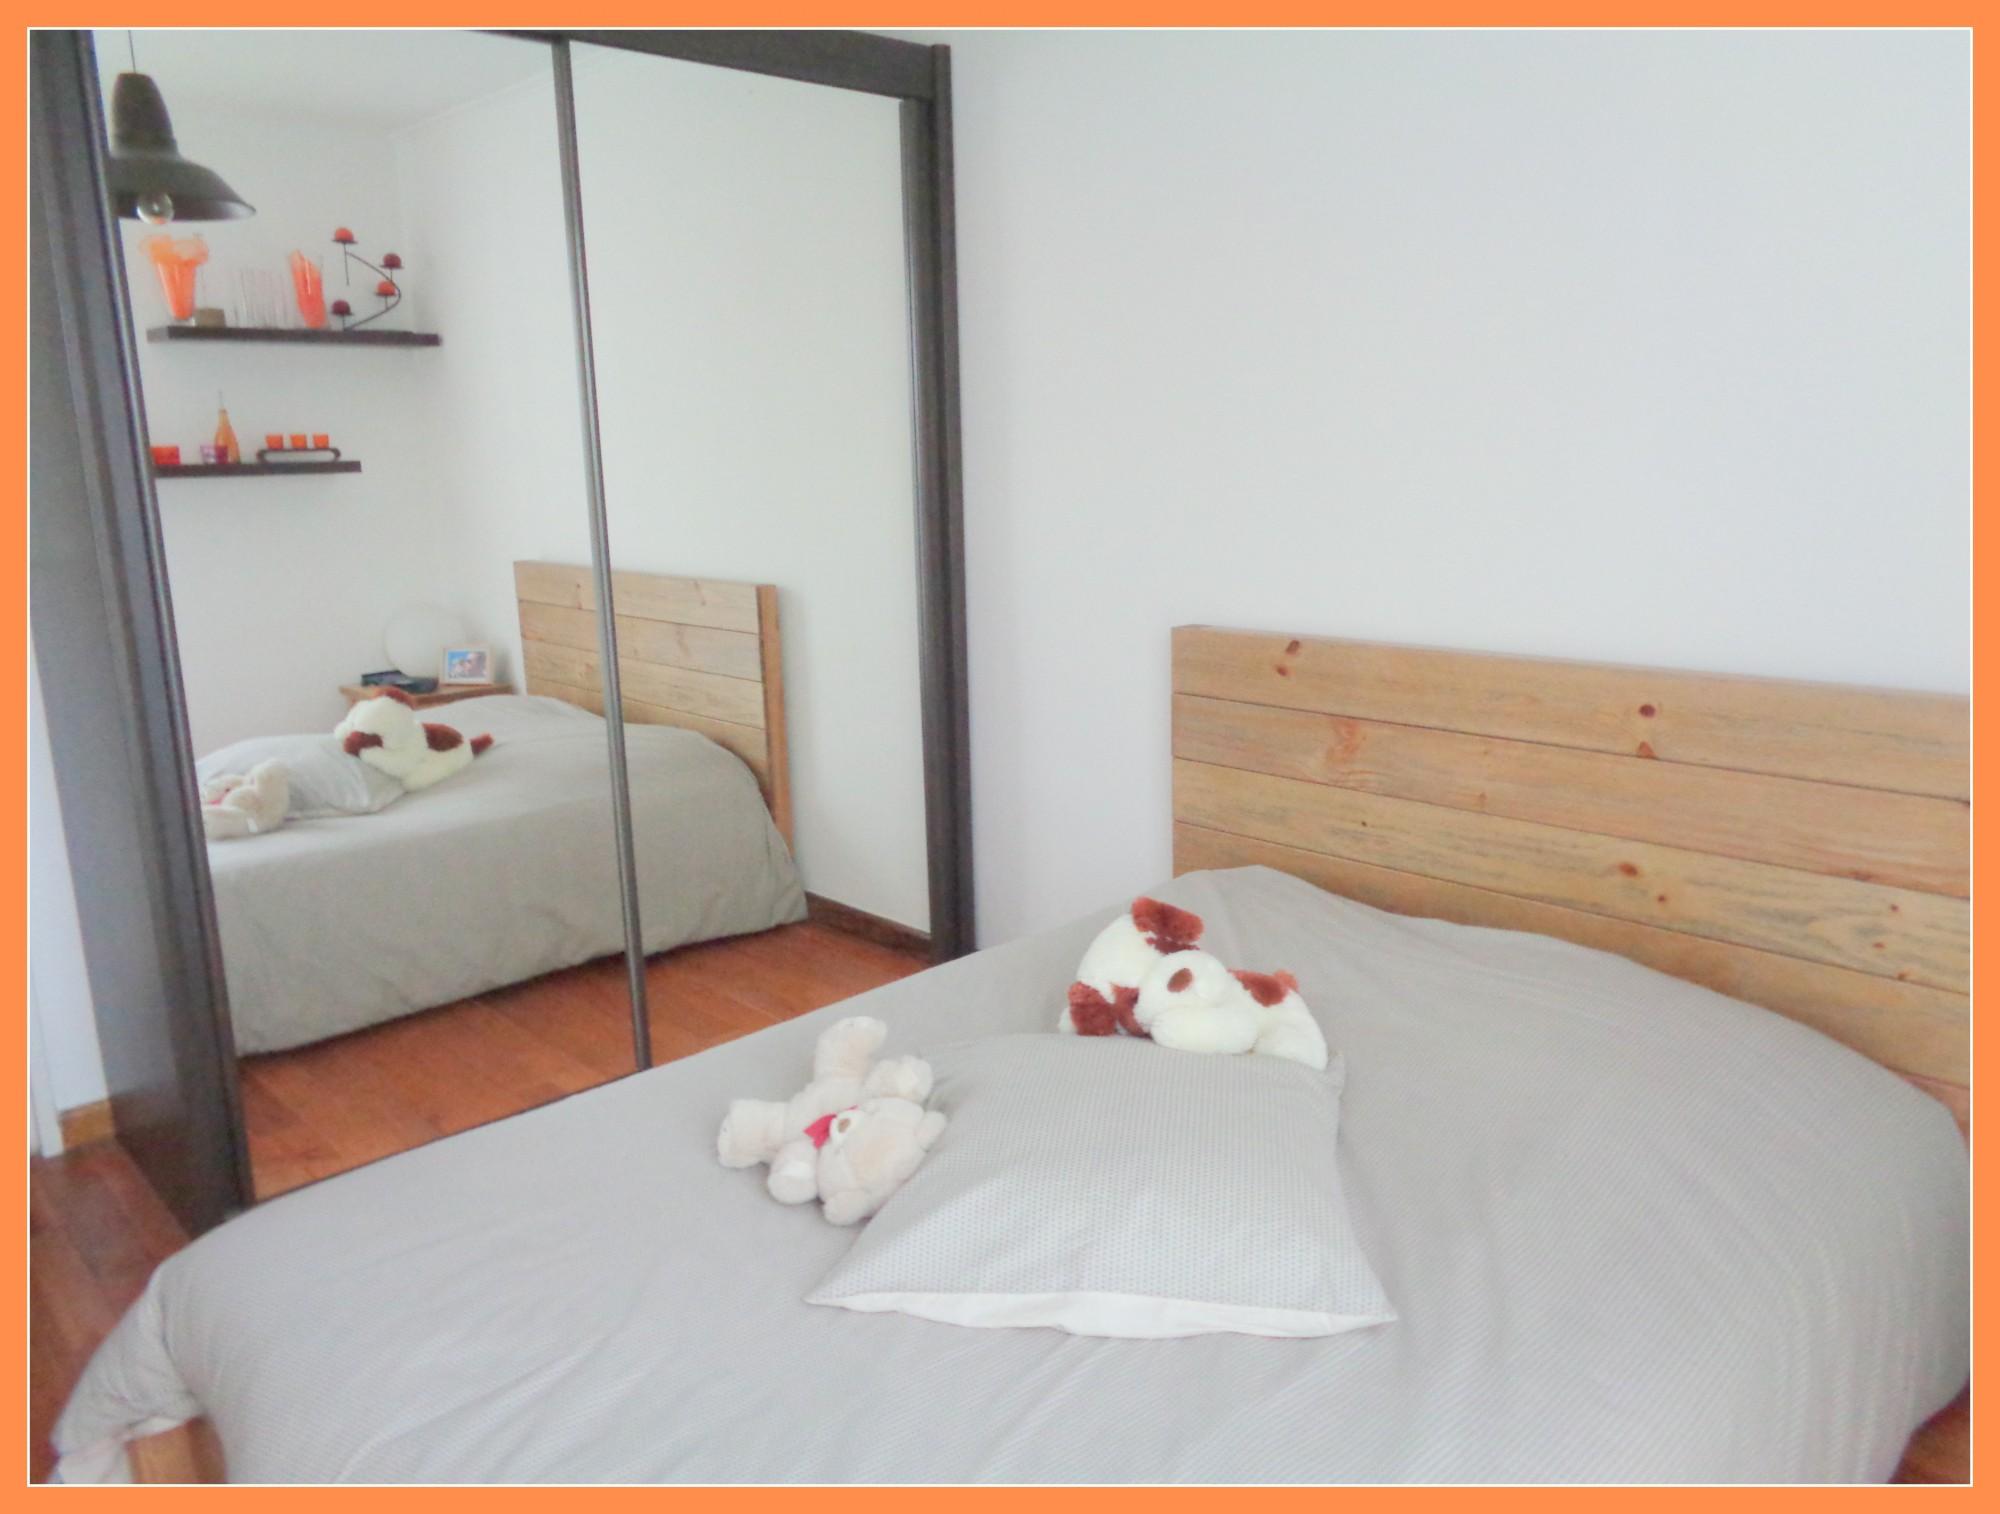 ventes appartement type f2 le havre ville haute achat et location maison campagne normandie. Black Bedroom Furniture Sets. Home Design Ideas